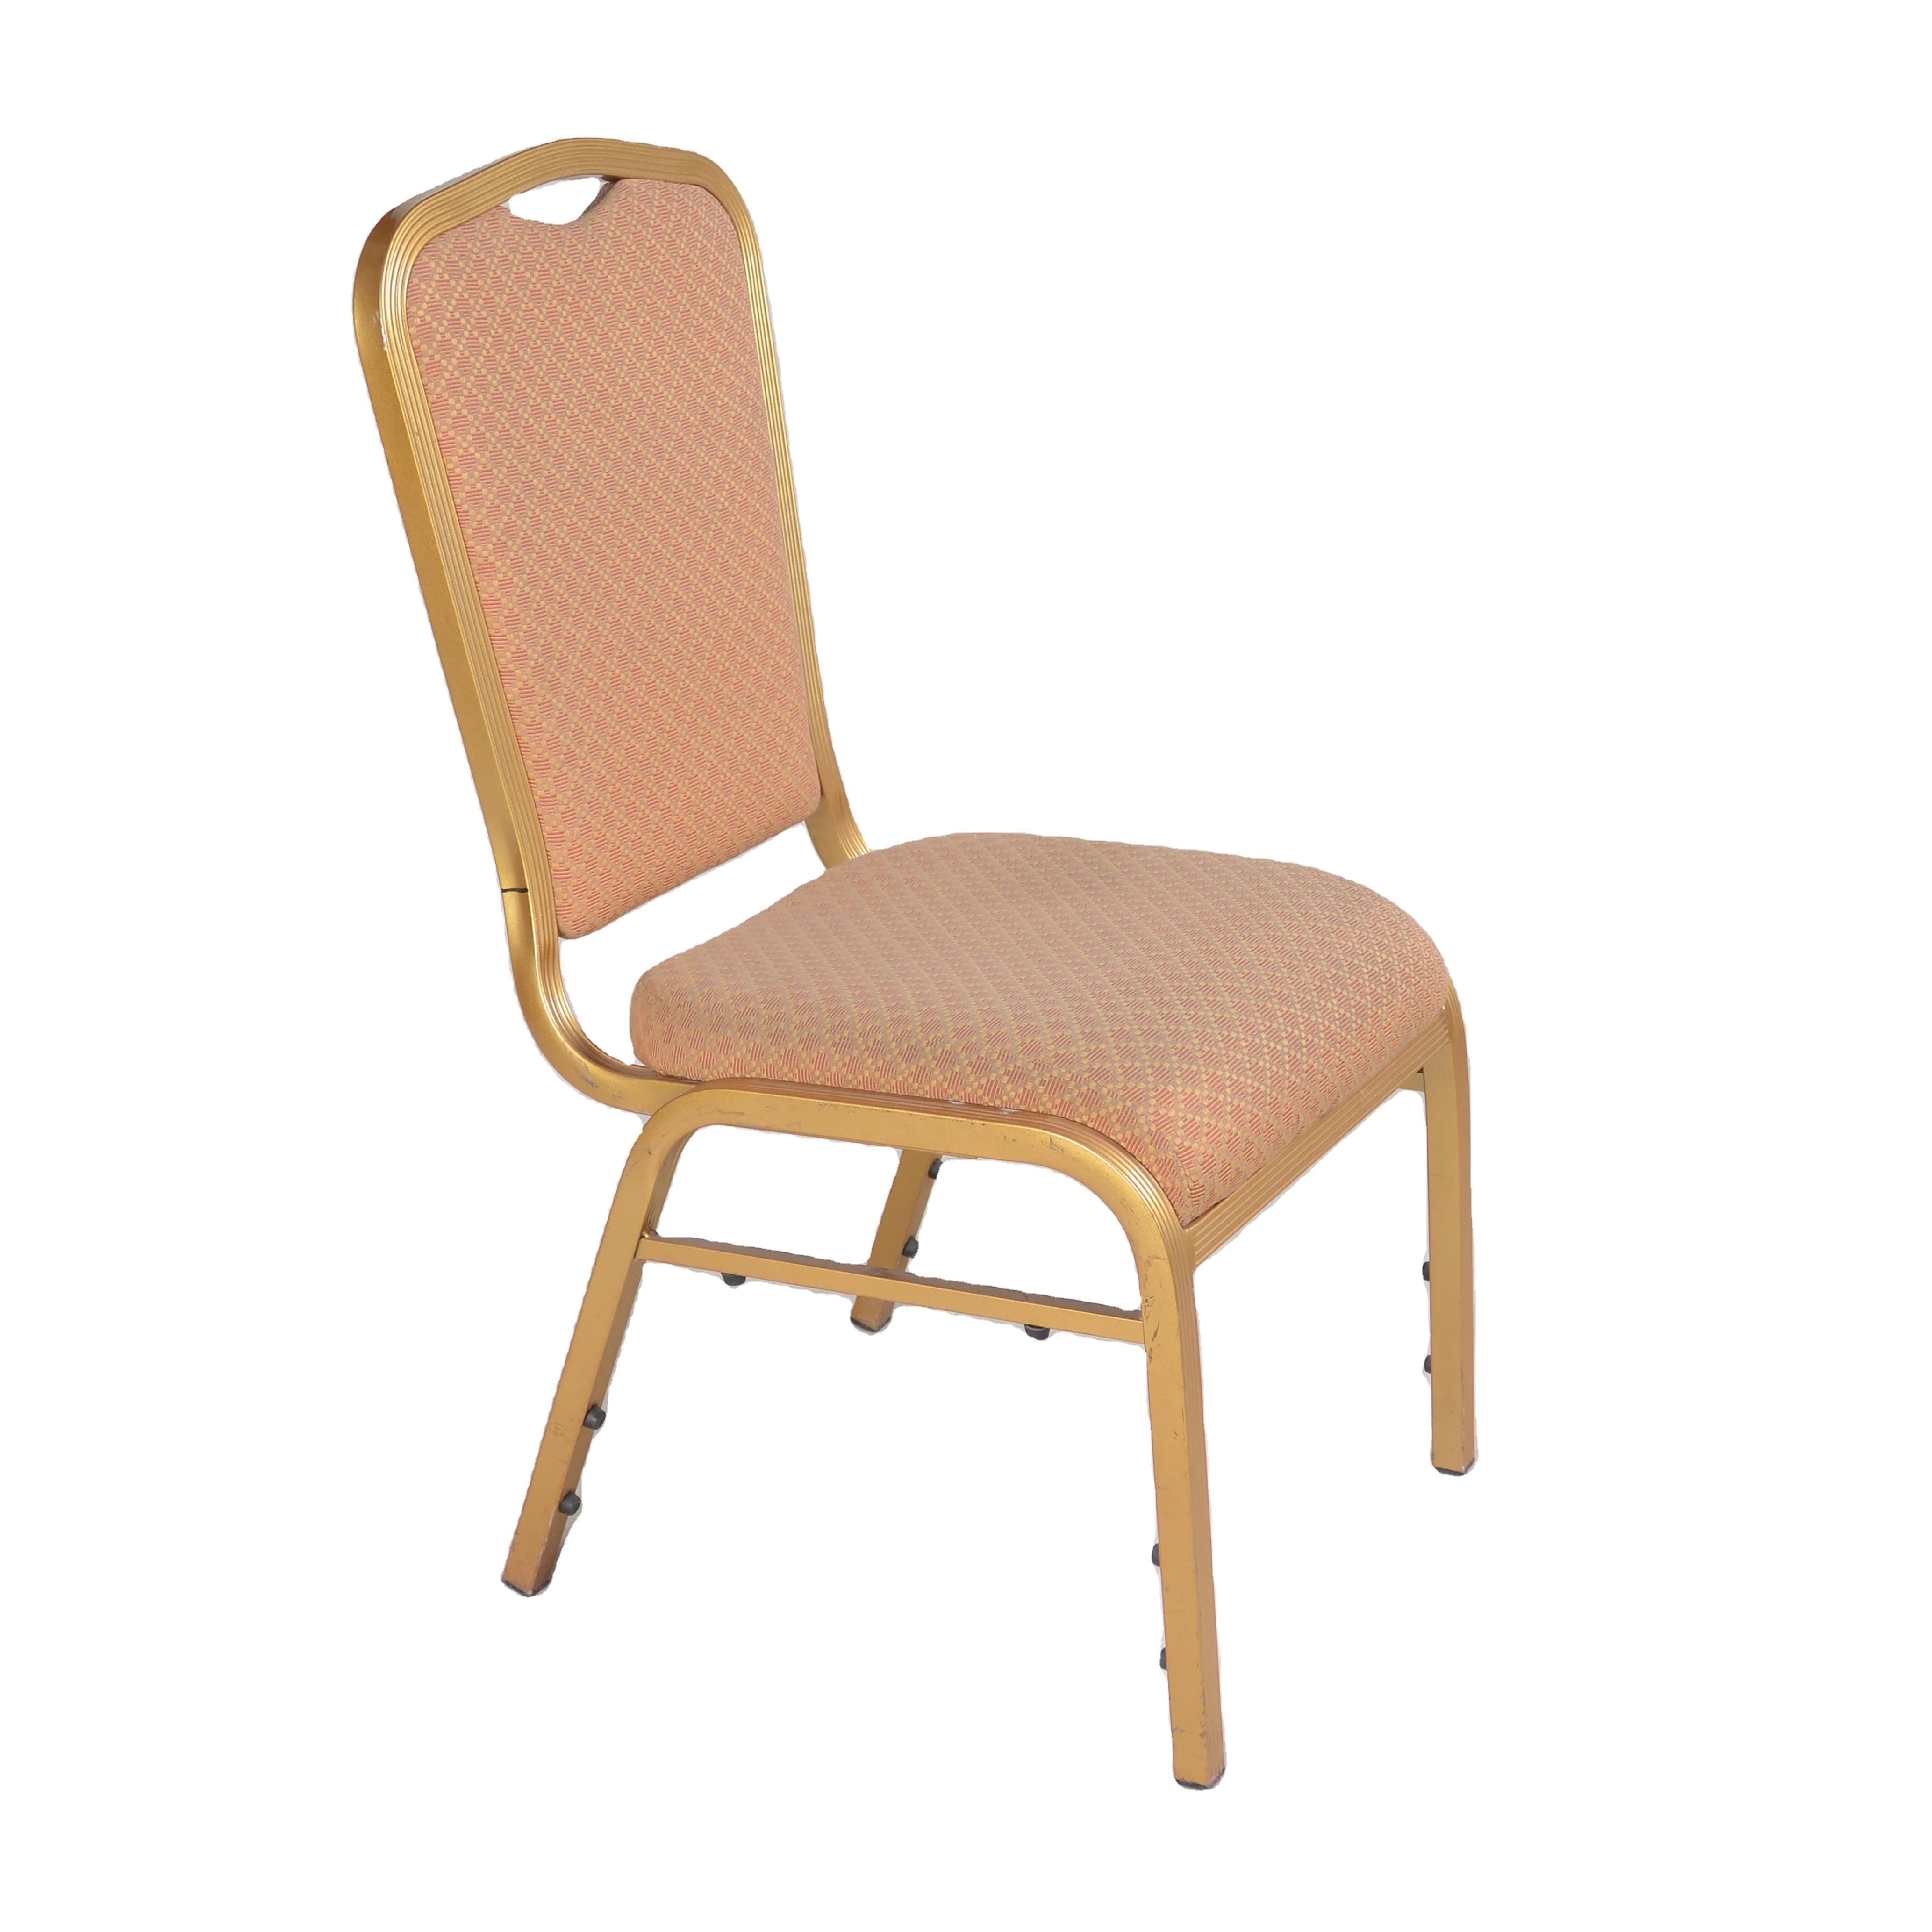 Лидер продаж, современные обеденные стулья для гостиниц по низкой цене